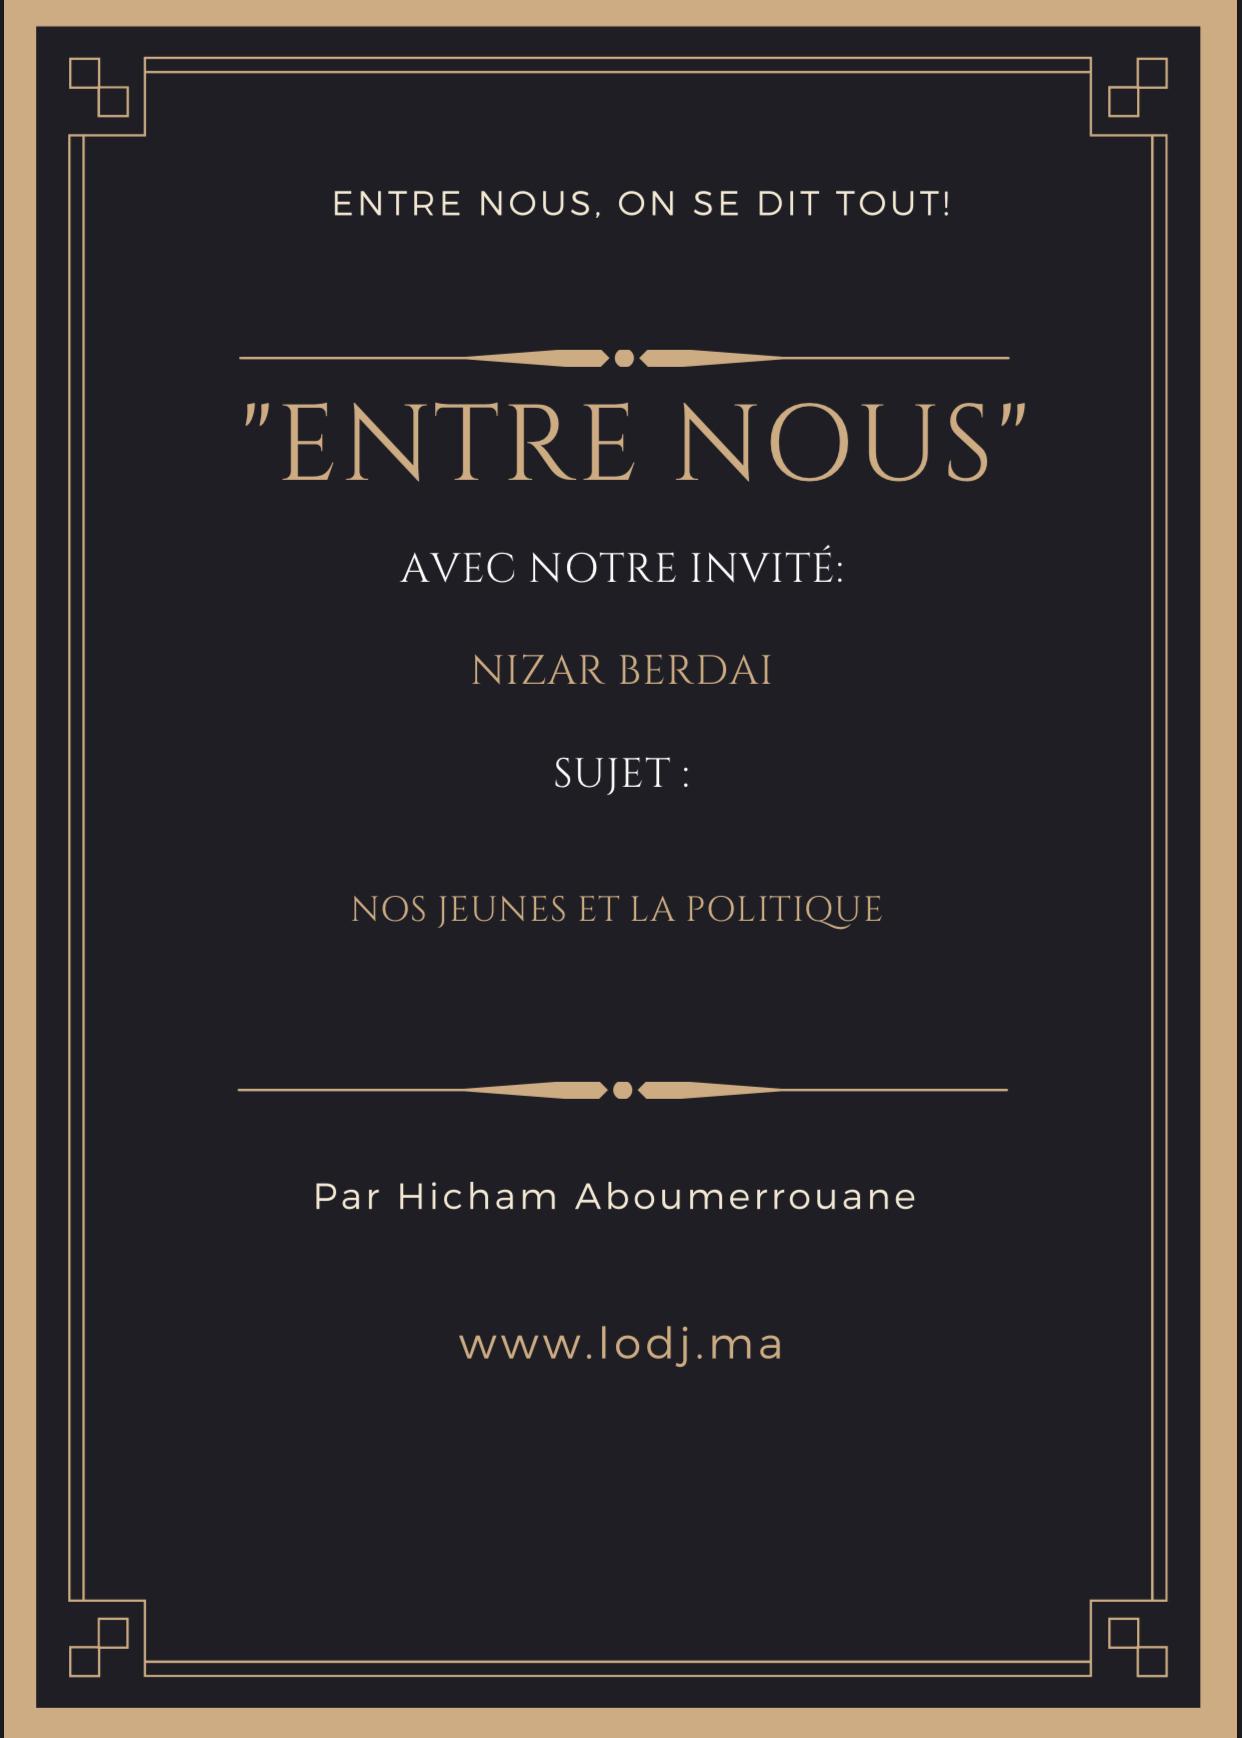 """NIzar Berdai invité de l'émission """"Entre nous, on se dit tout"""""""